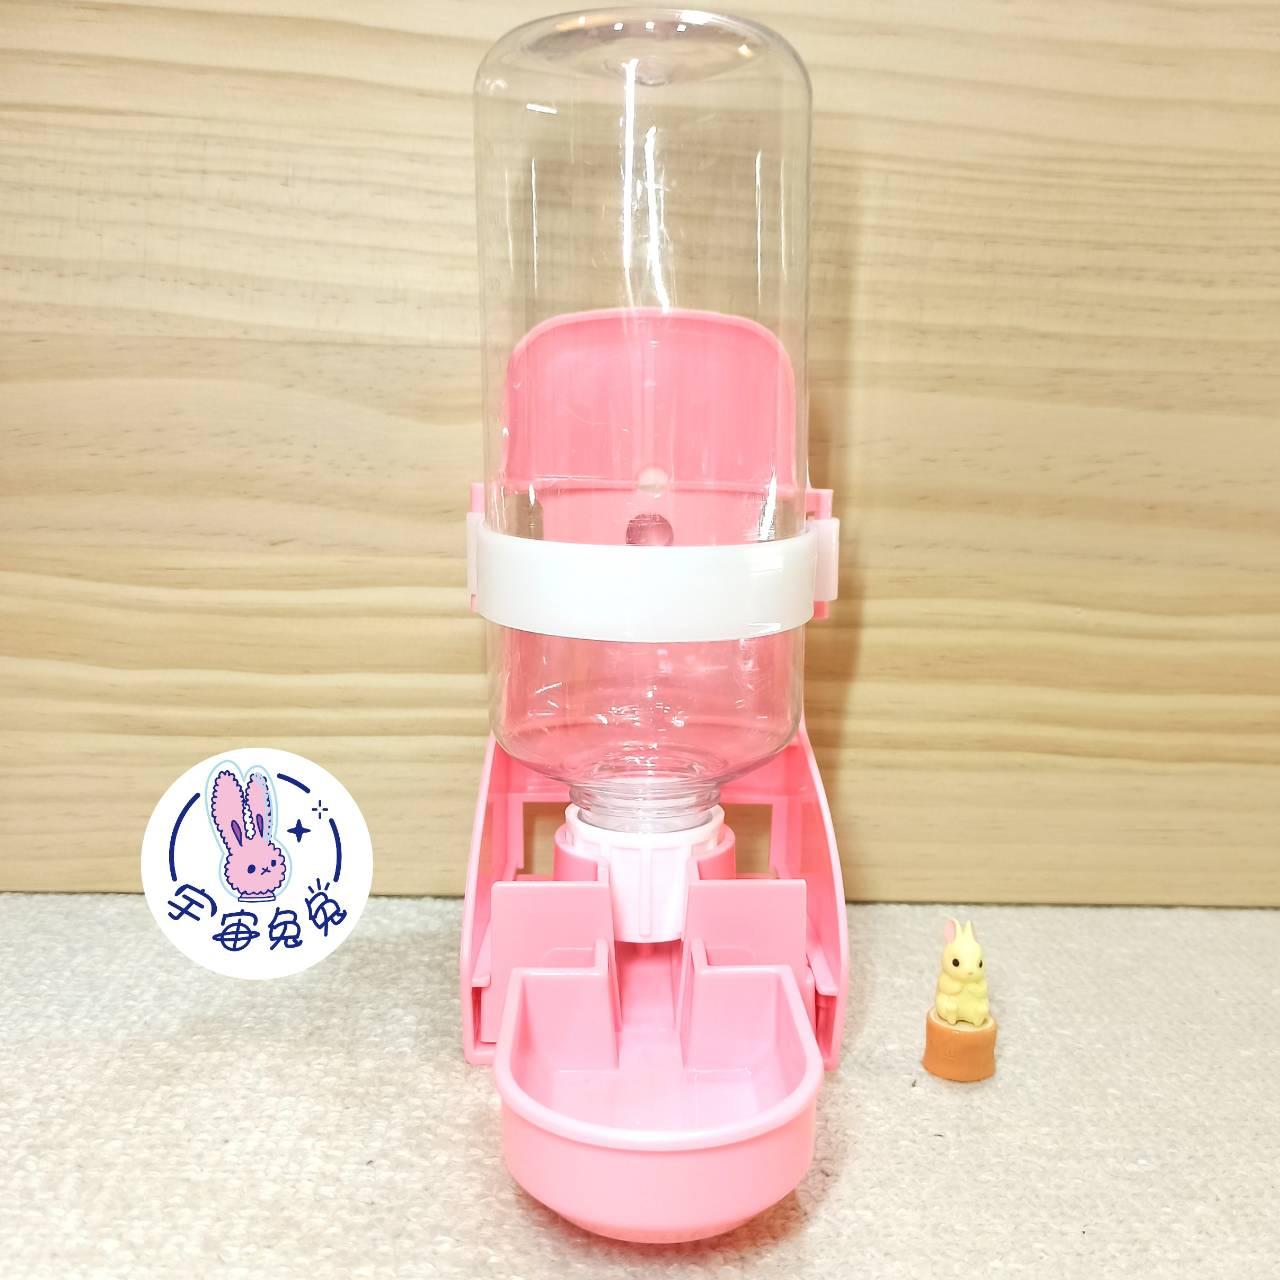 宇宙兔兔 飲水器 水瓶 自動出水器